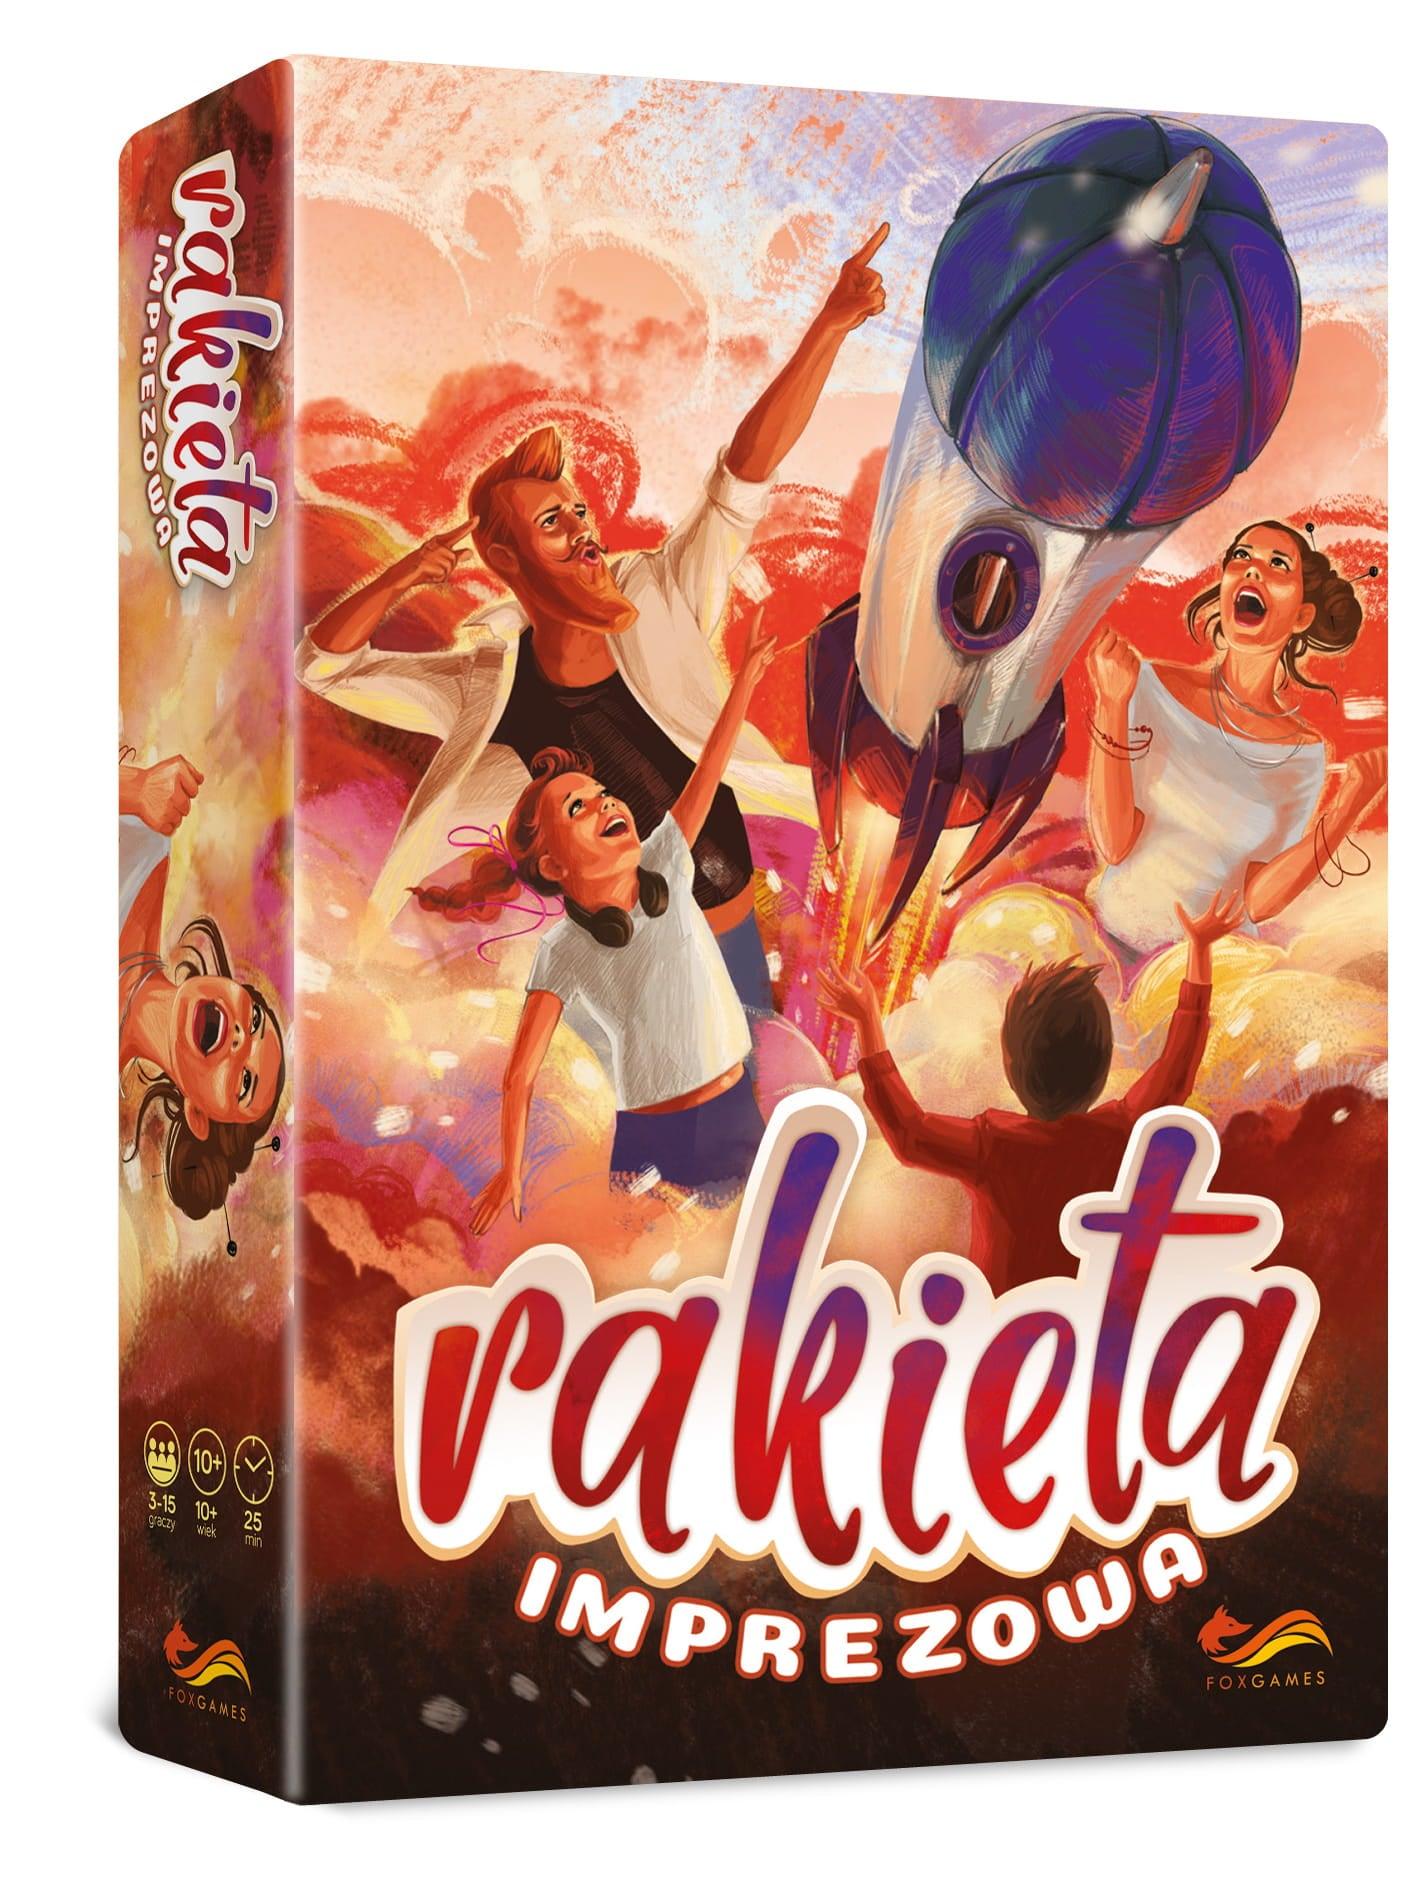 RAKIETA IMPREZOWA - 1